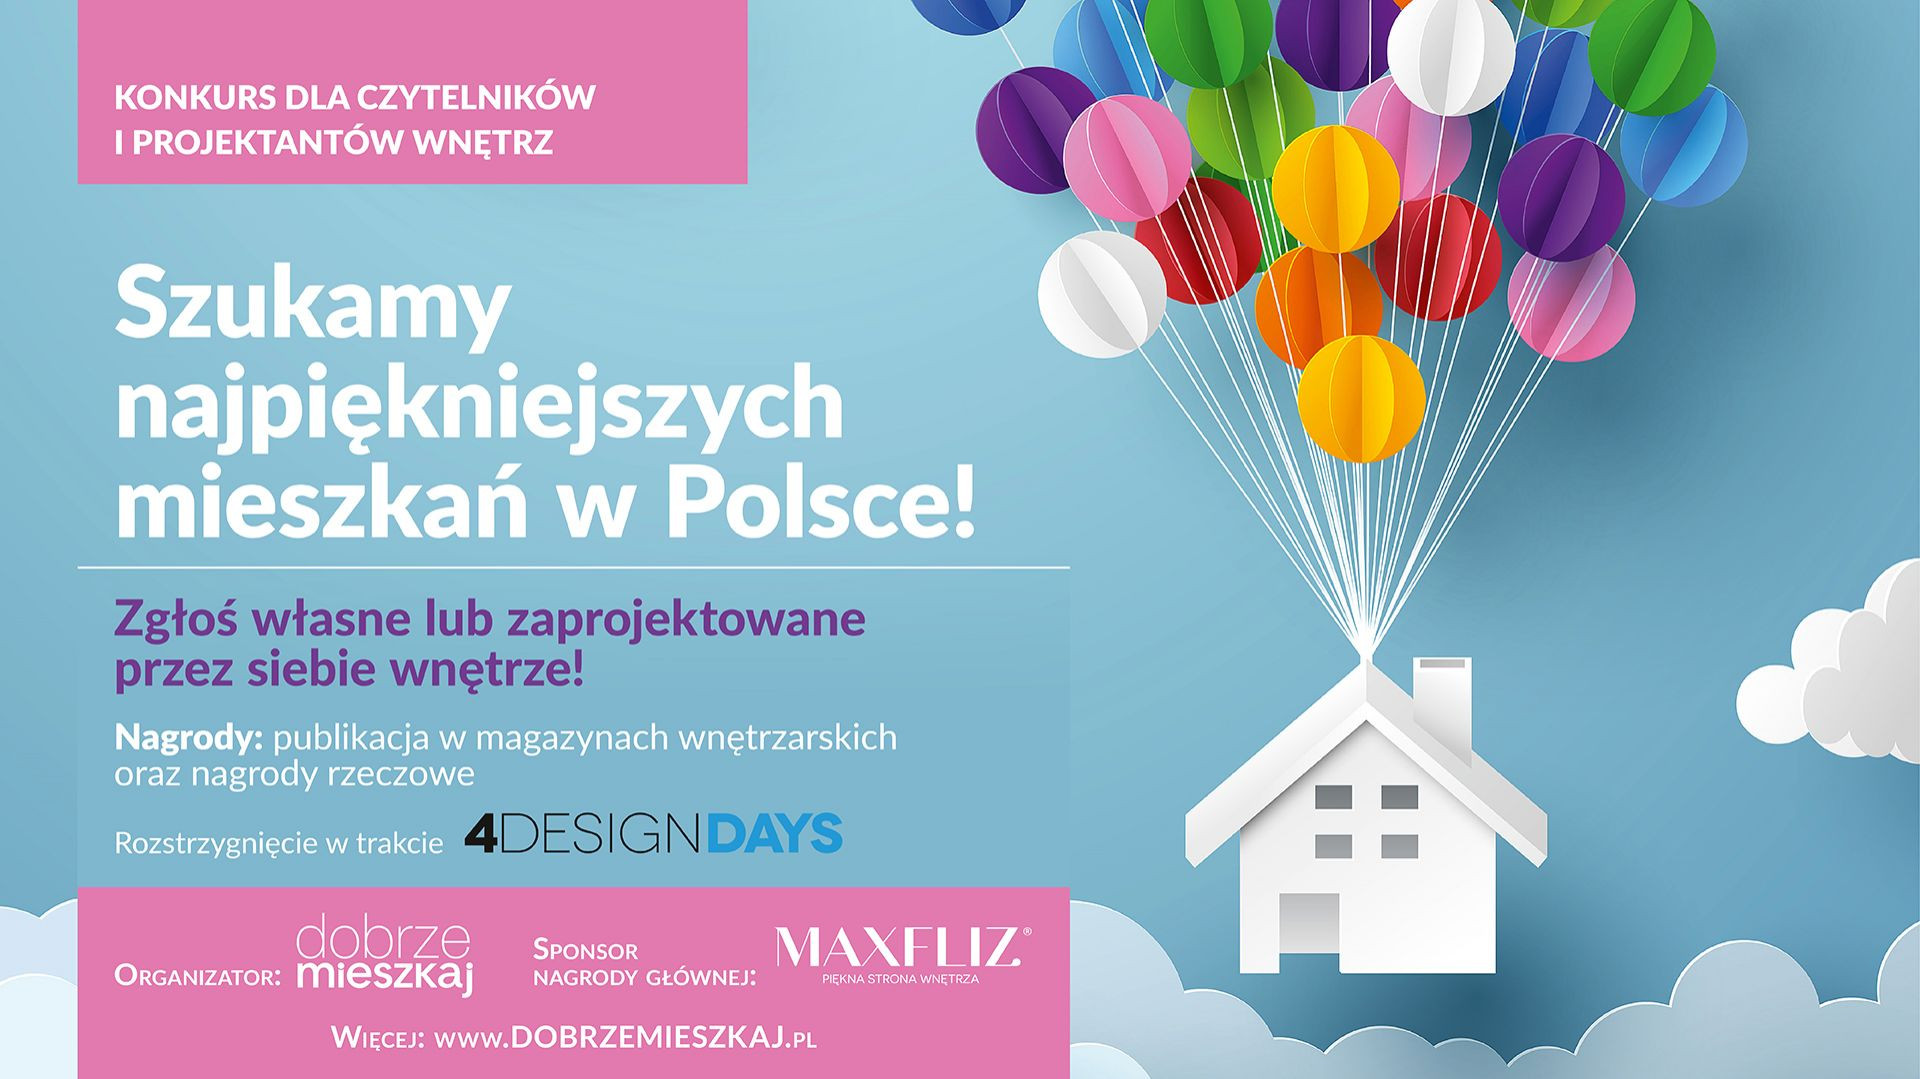 Konkurs zorganizowany przez firmę Max-Fliz ma wyłonić najpiękniejsze wnętrza zaprojektowane w Polsce.